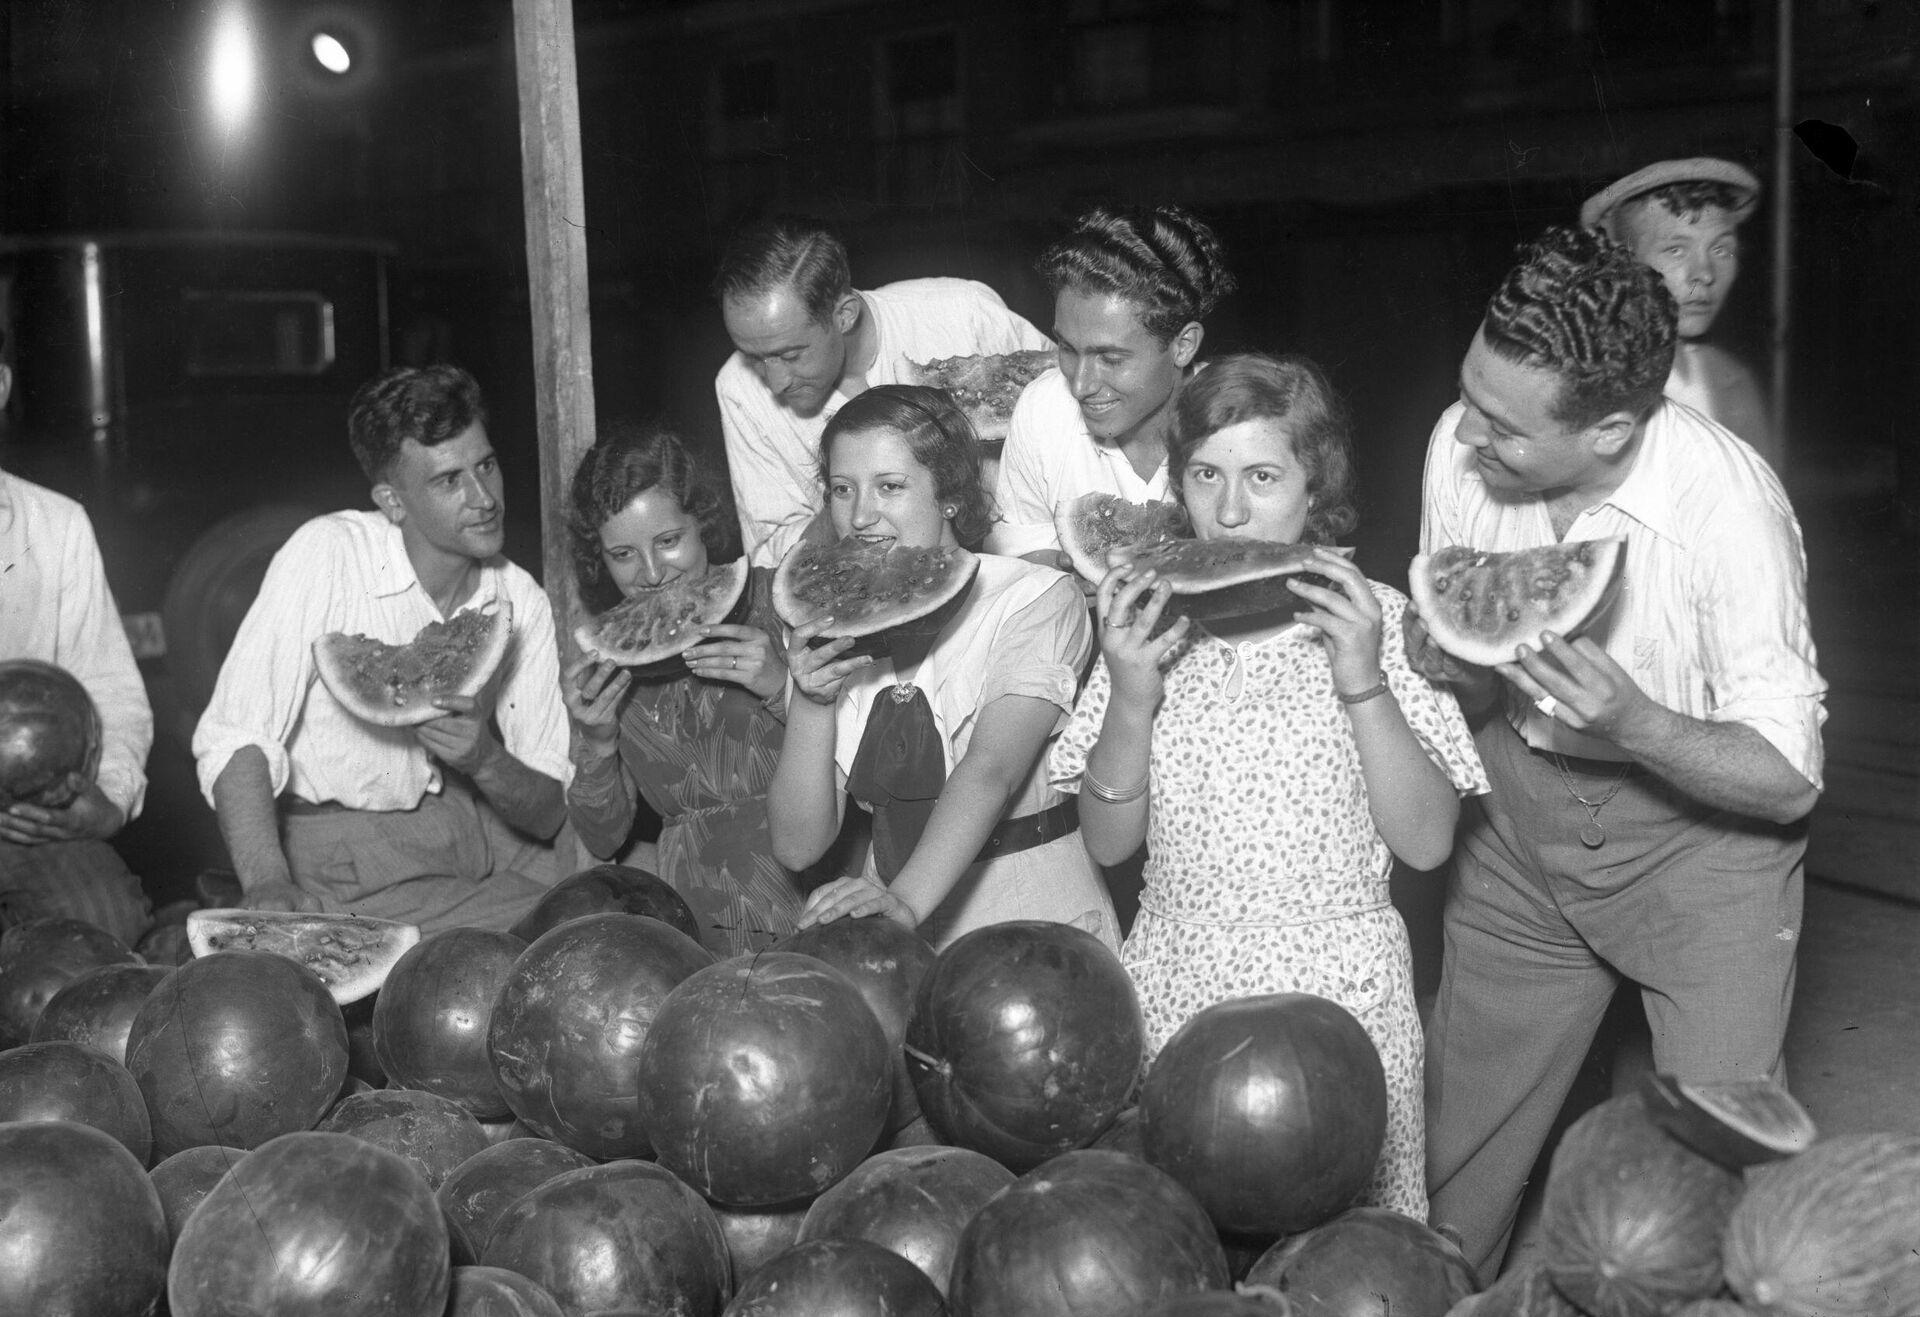 Grupo de jóvenes degustando sandías en un puesto callejero. Madrid, 1935 - Sputnik Mundo, 1920, 17.09.2021